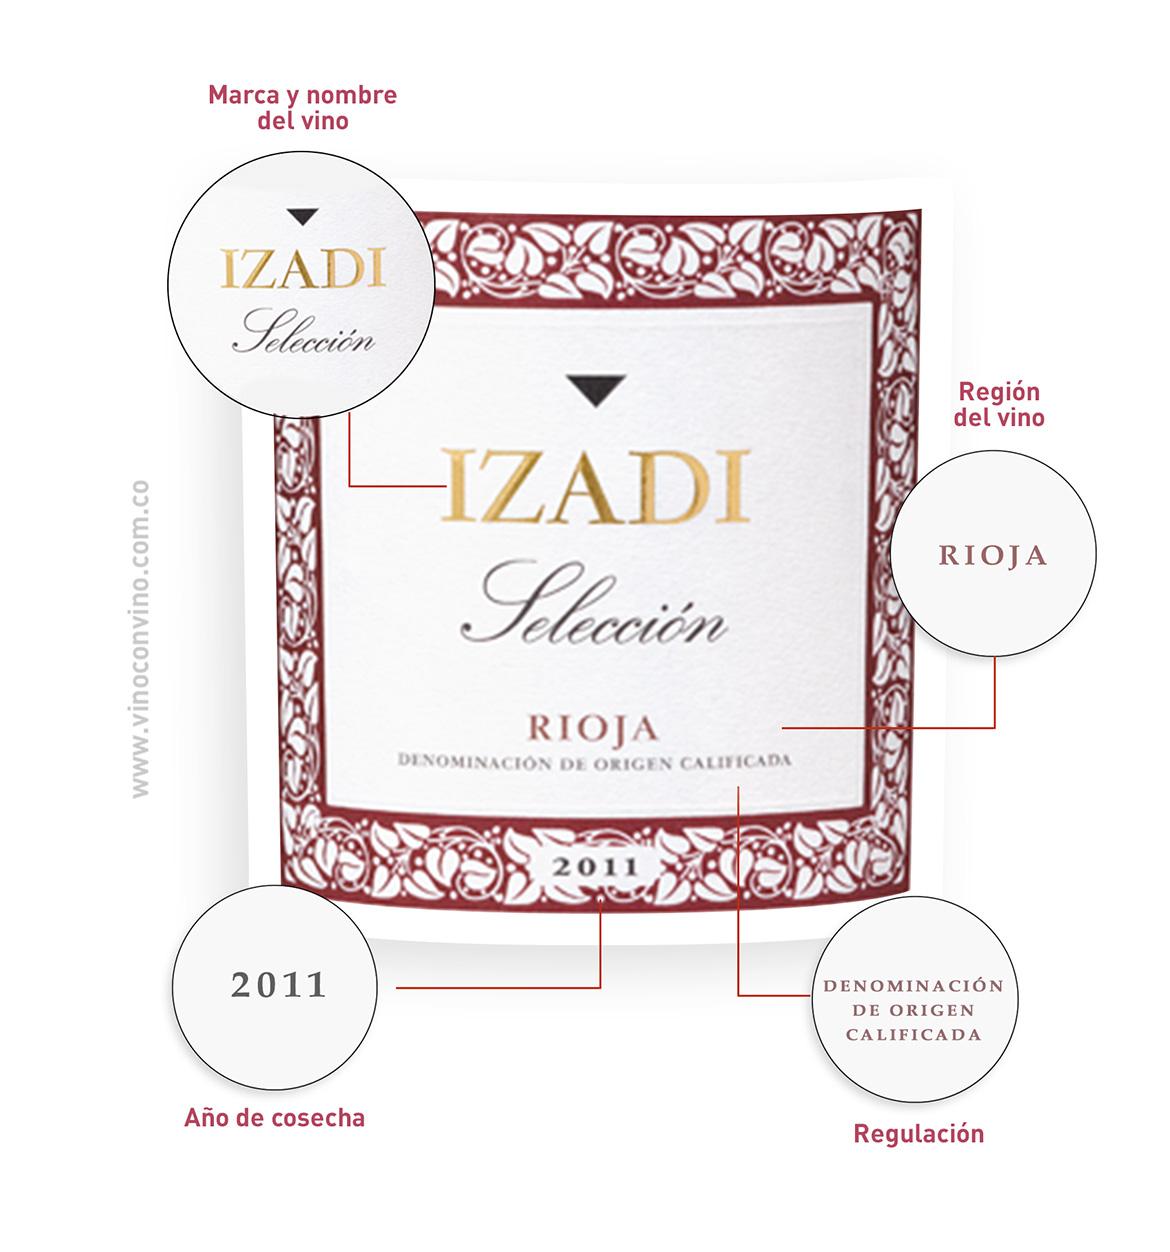 Estructura de la etiqueta de un vino Izadi Selección